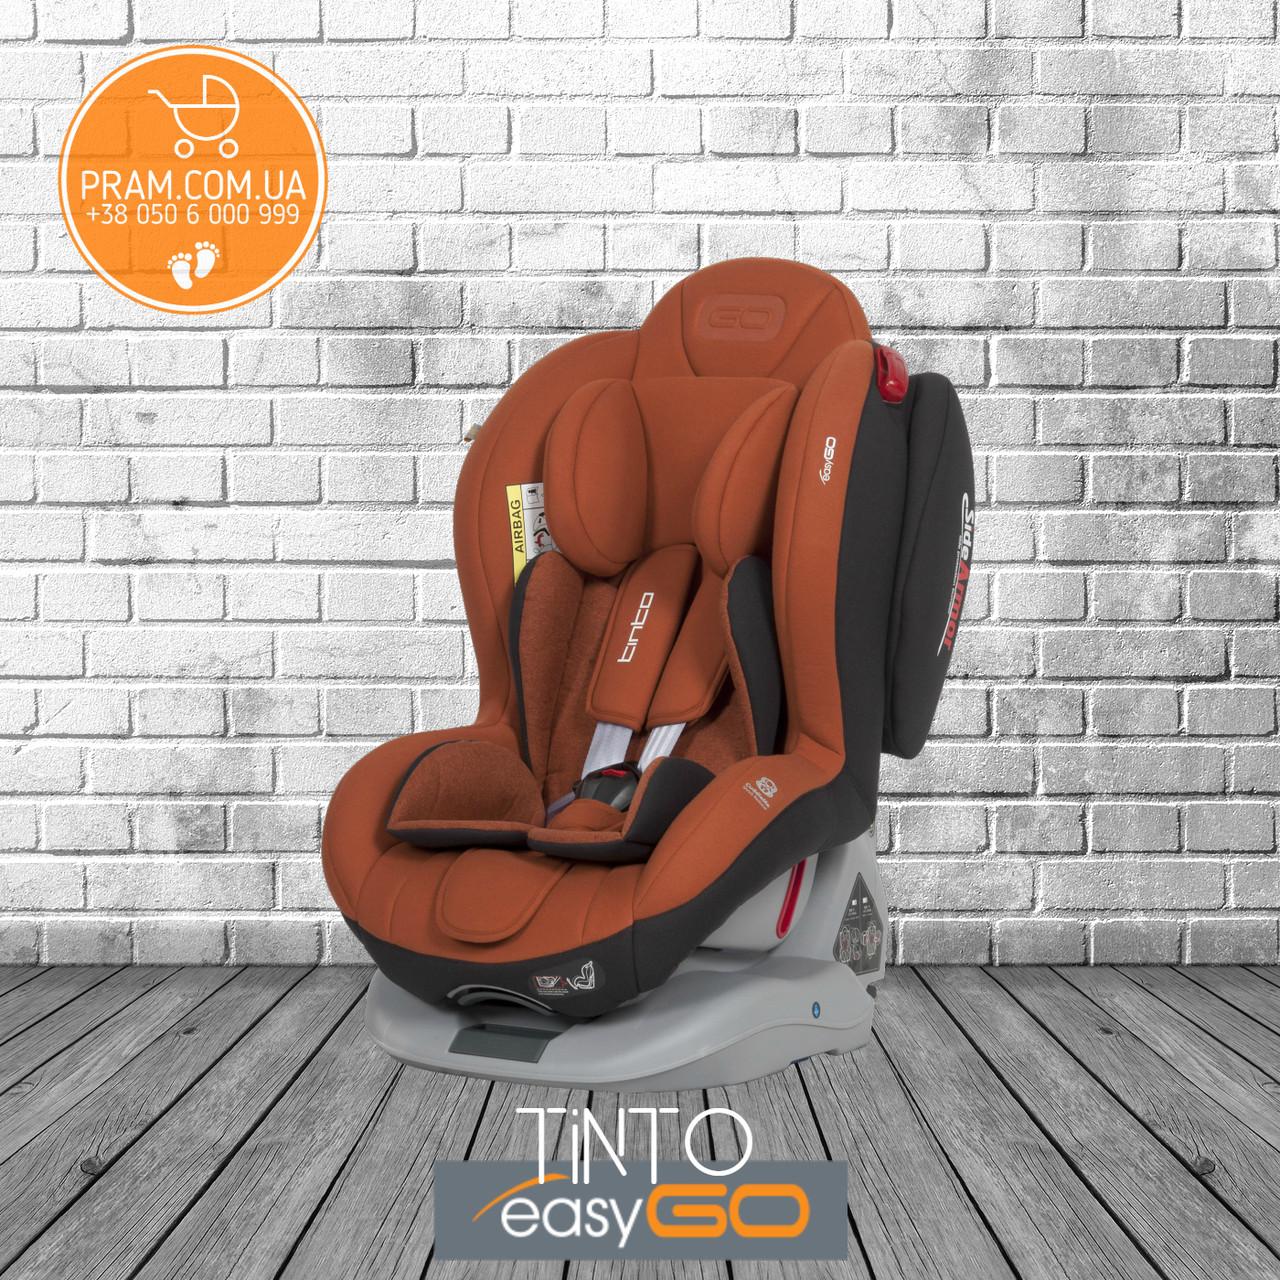 Автокресло группы 0-1-2 (0-25 кг) EasyGO TINTO Copper Оранжевый